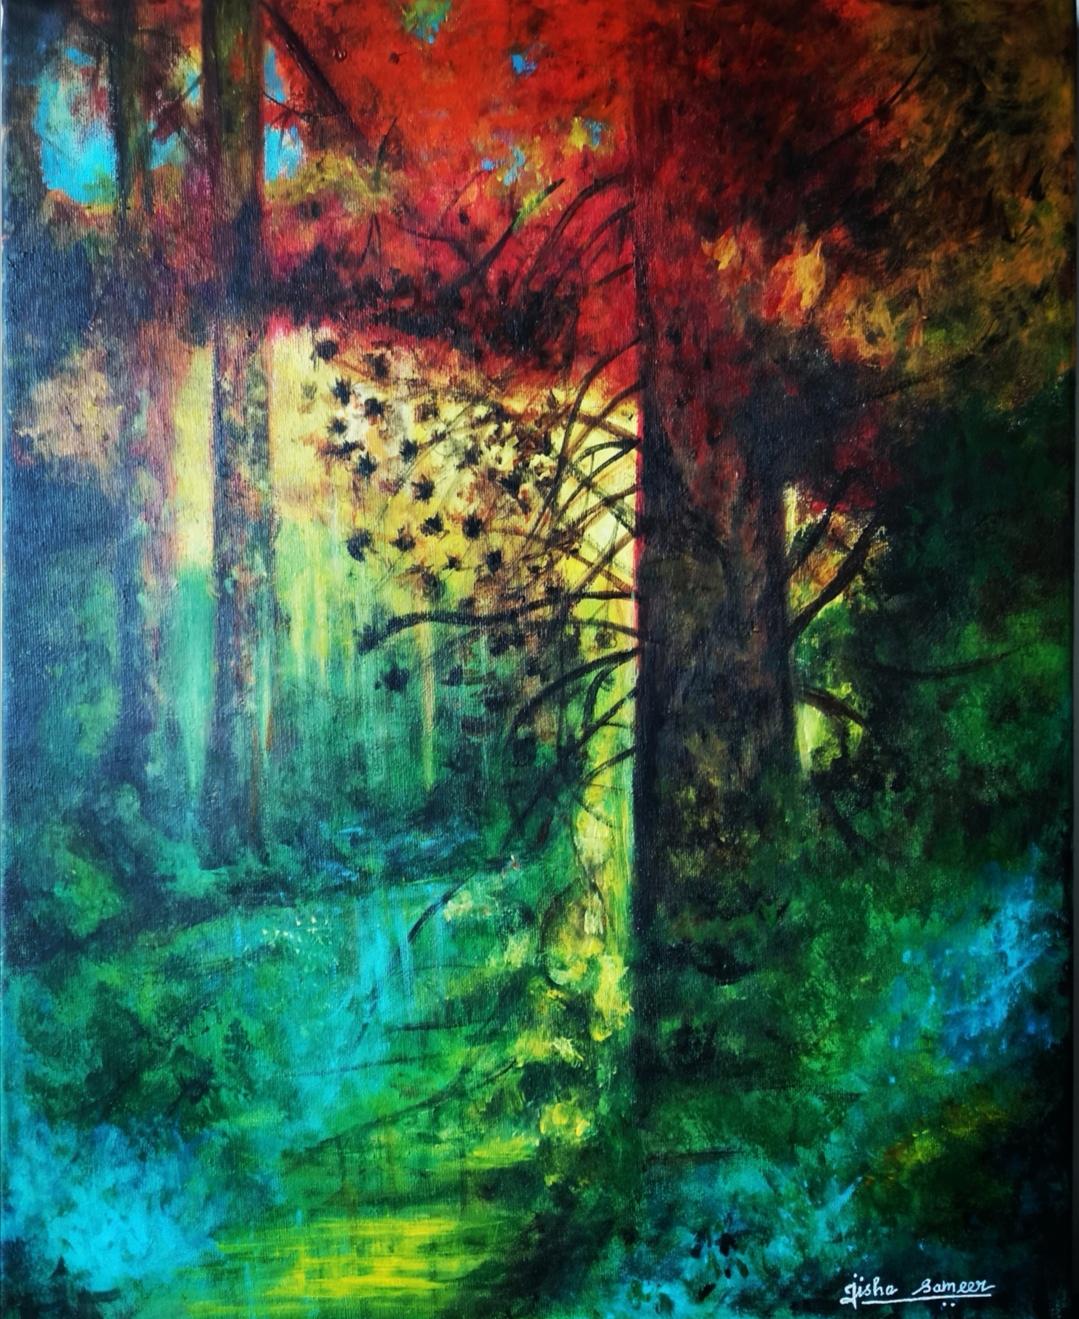 Jisha Sameer - The Nature